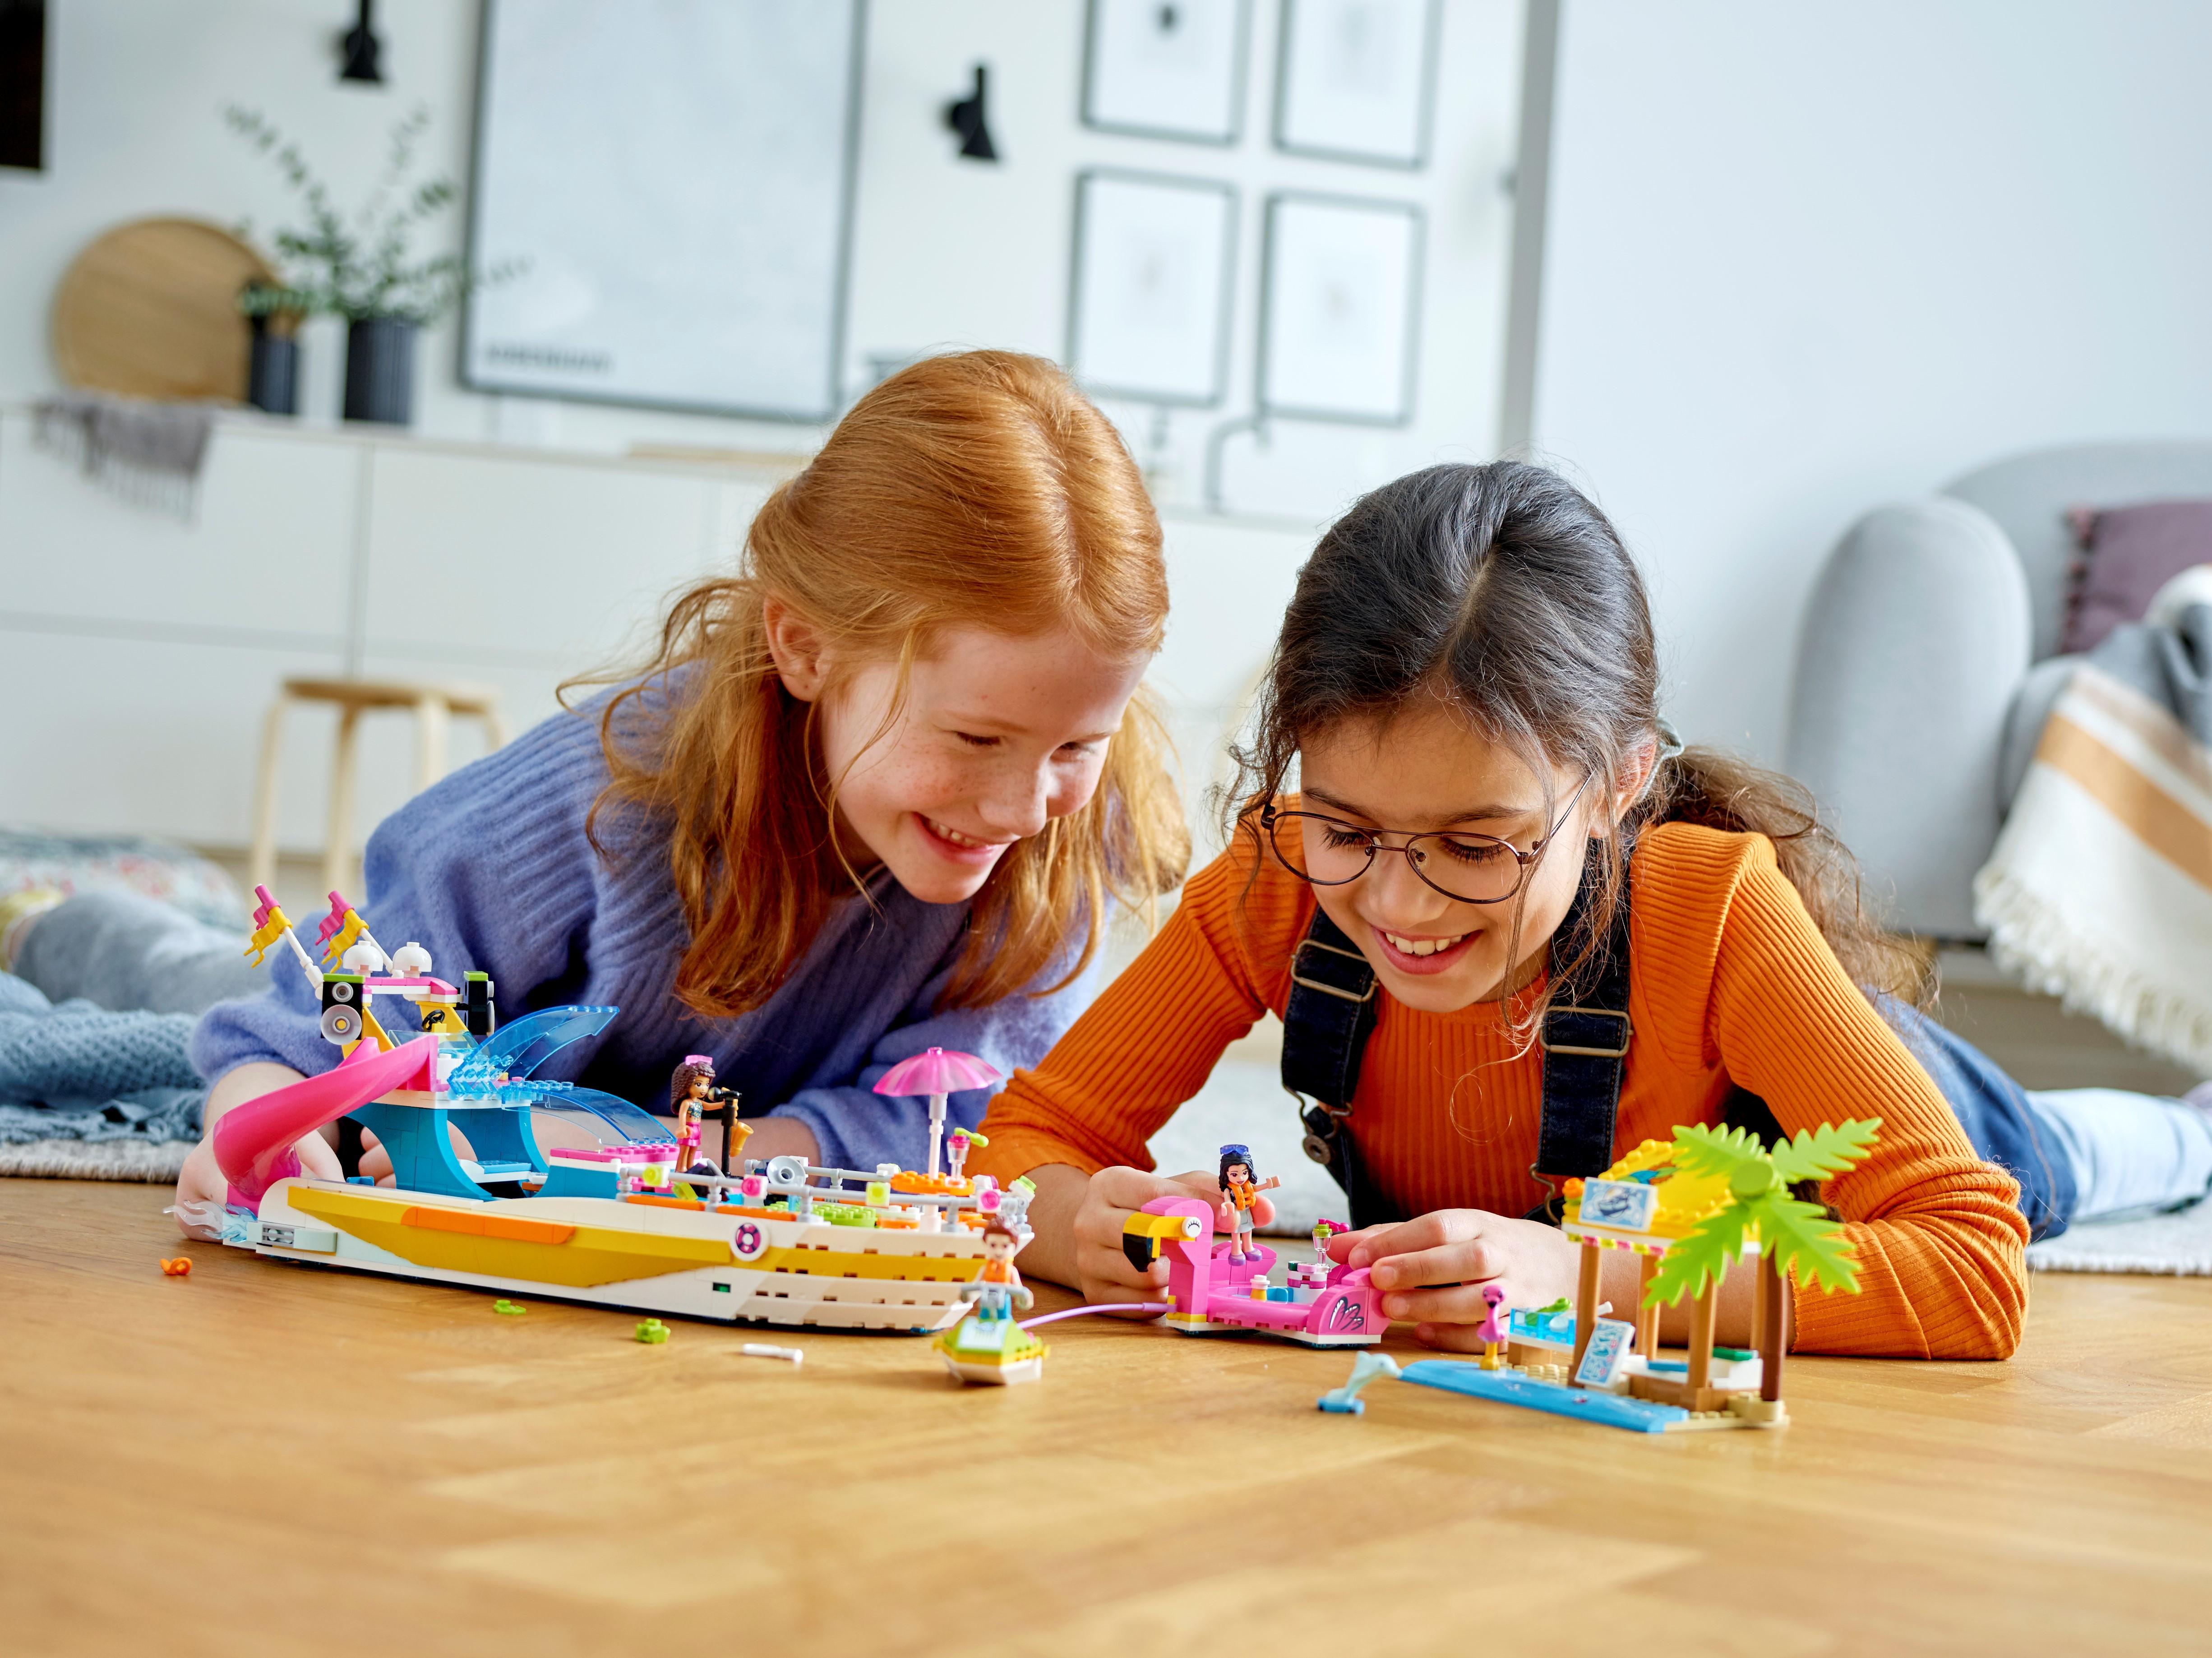 Lego Friends Fiesta Barco Juguete vacaciones serie 41433 Conjunto de Juego Construcción Niñas Regalo Juguete